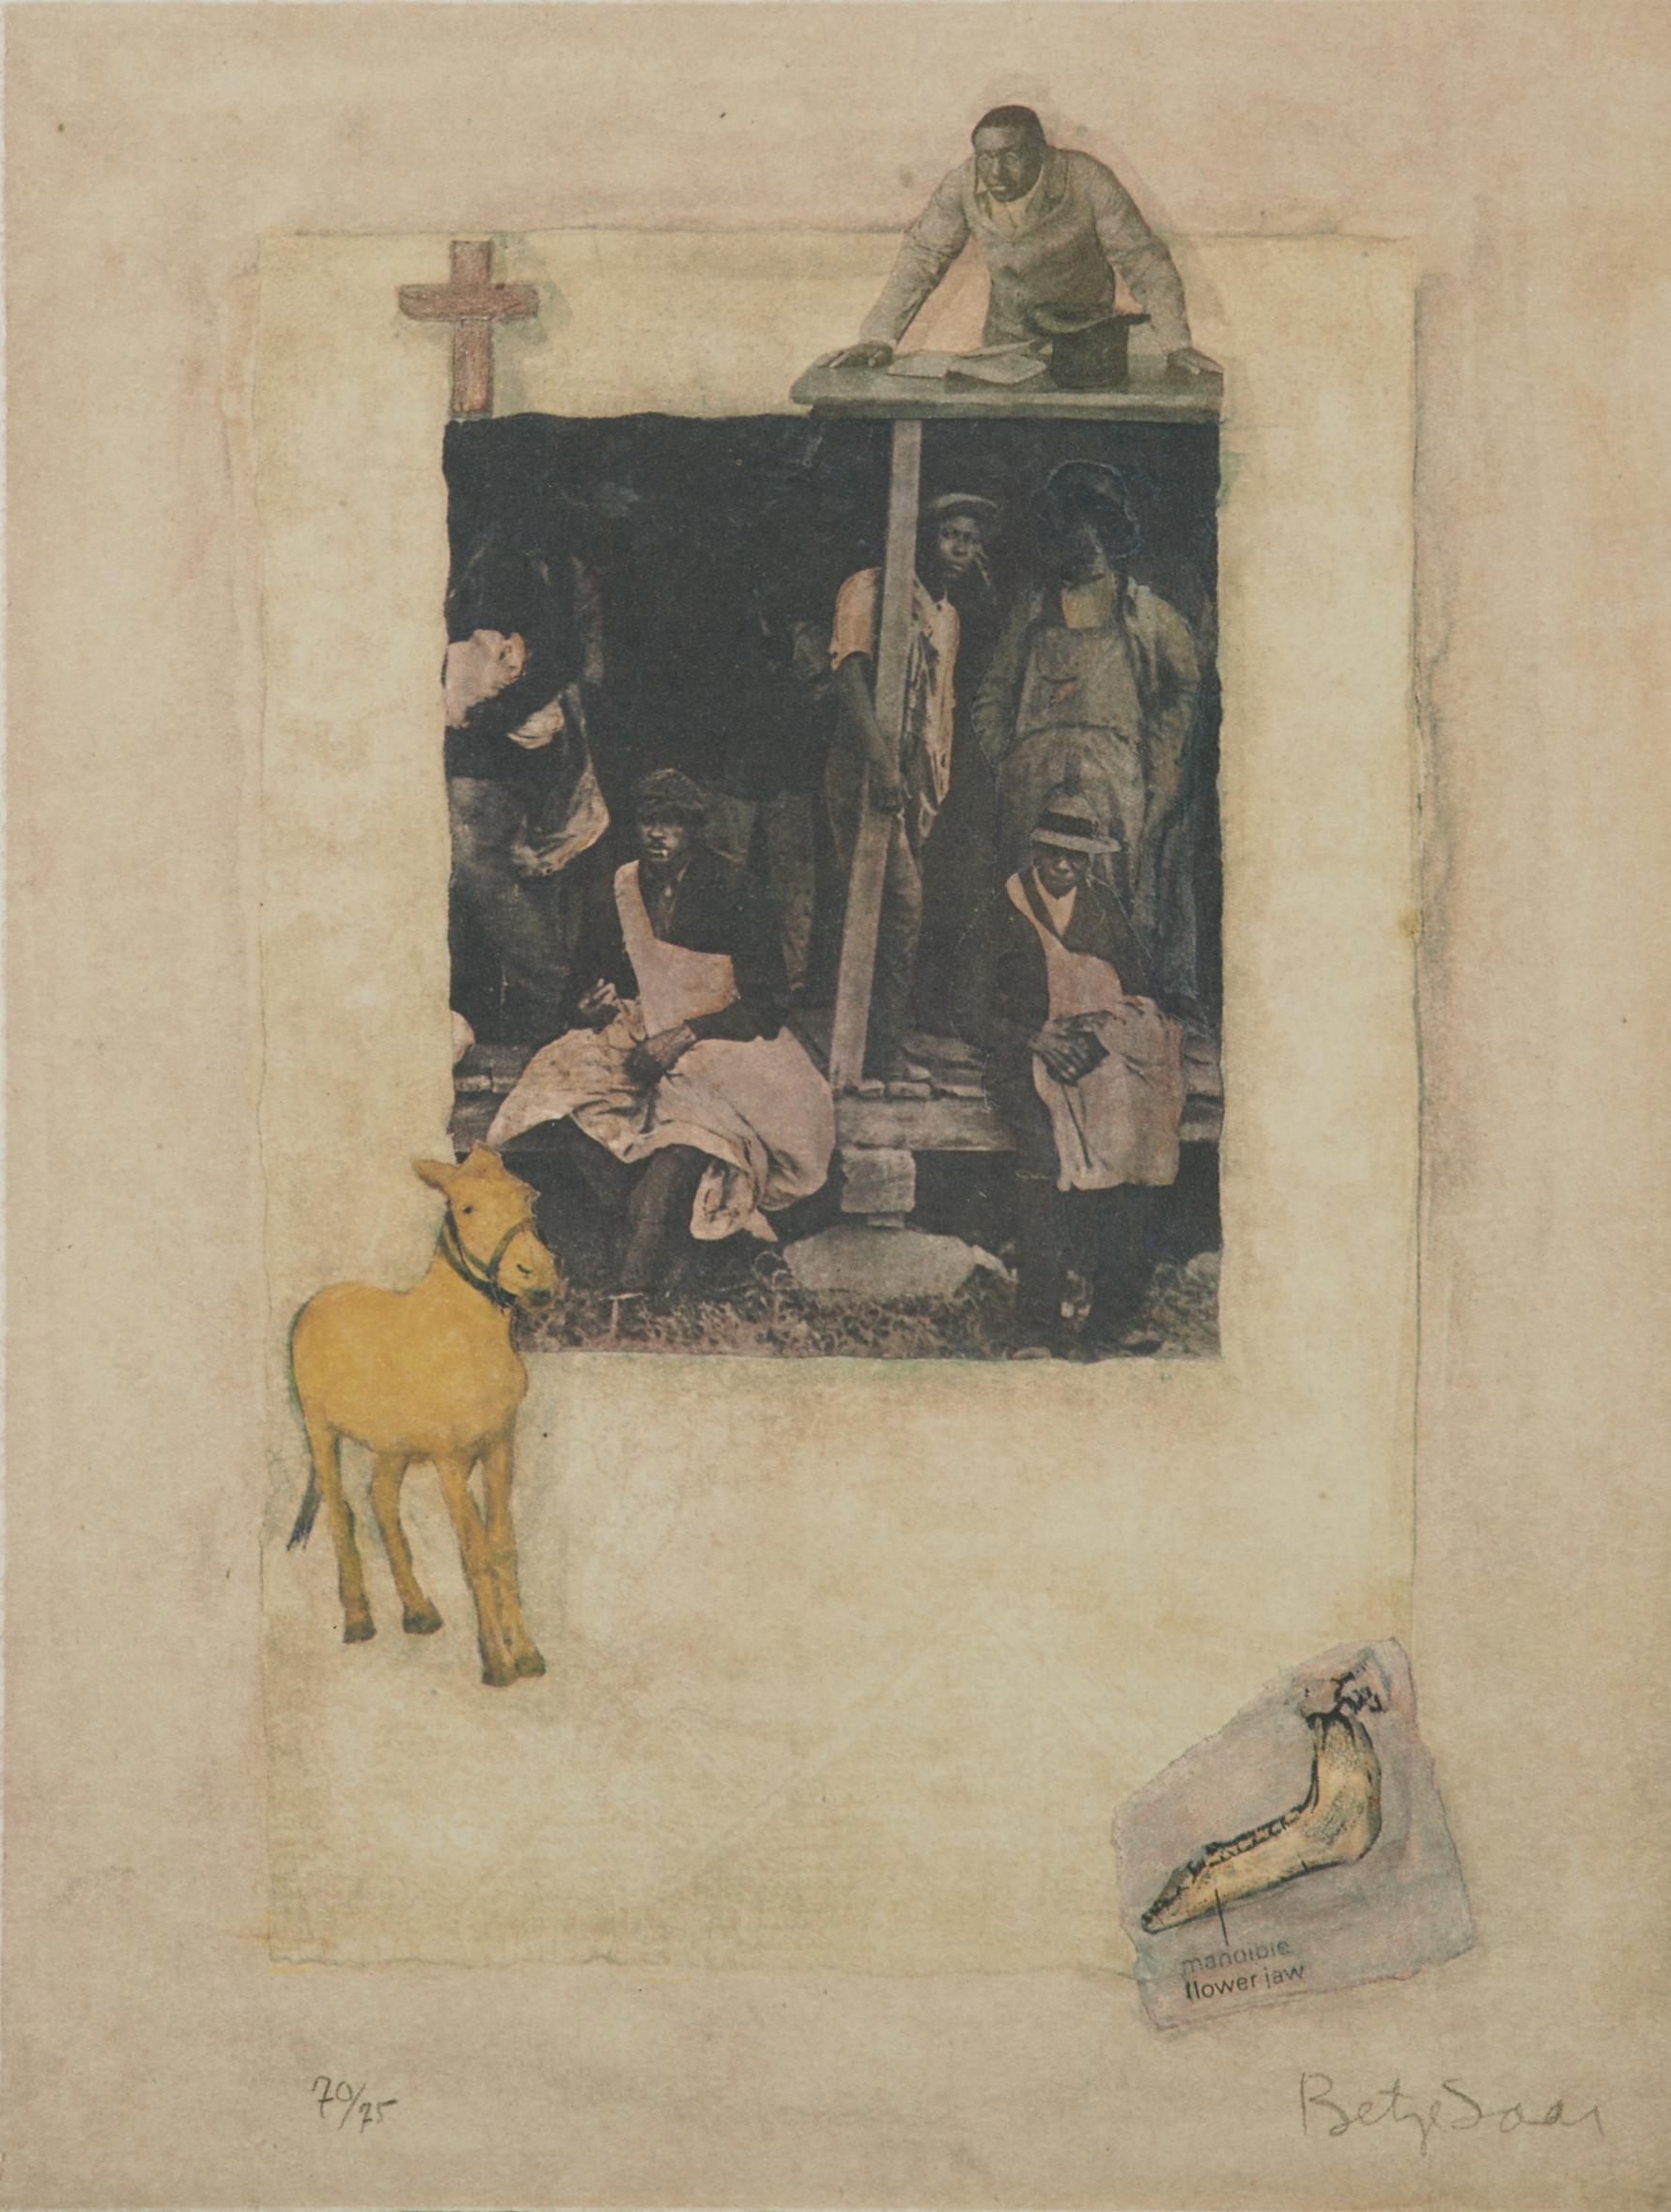 Betye Saar (b. 1926)